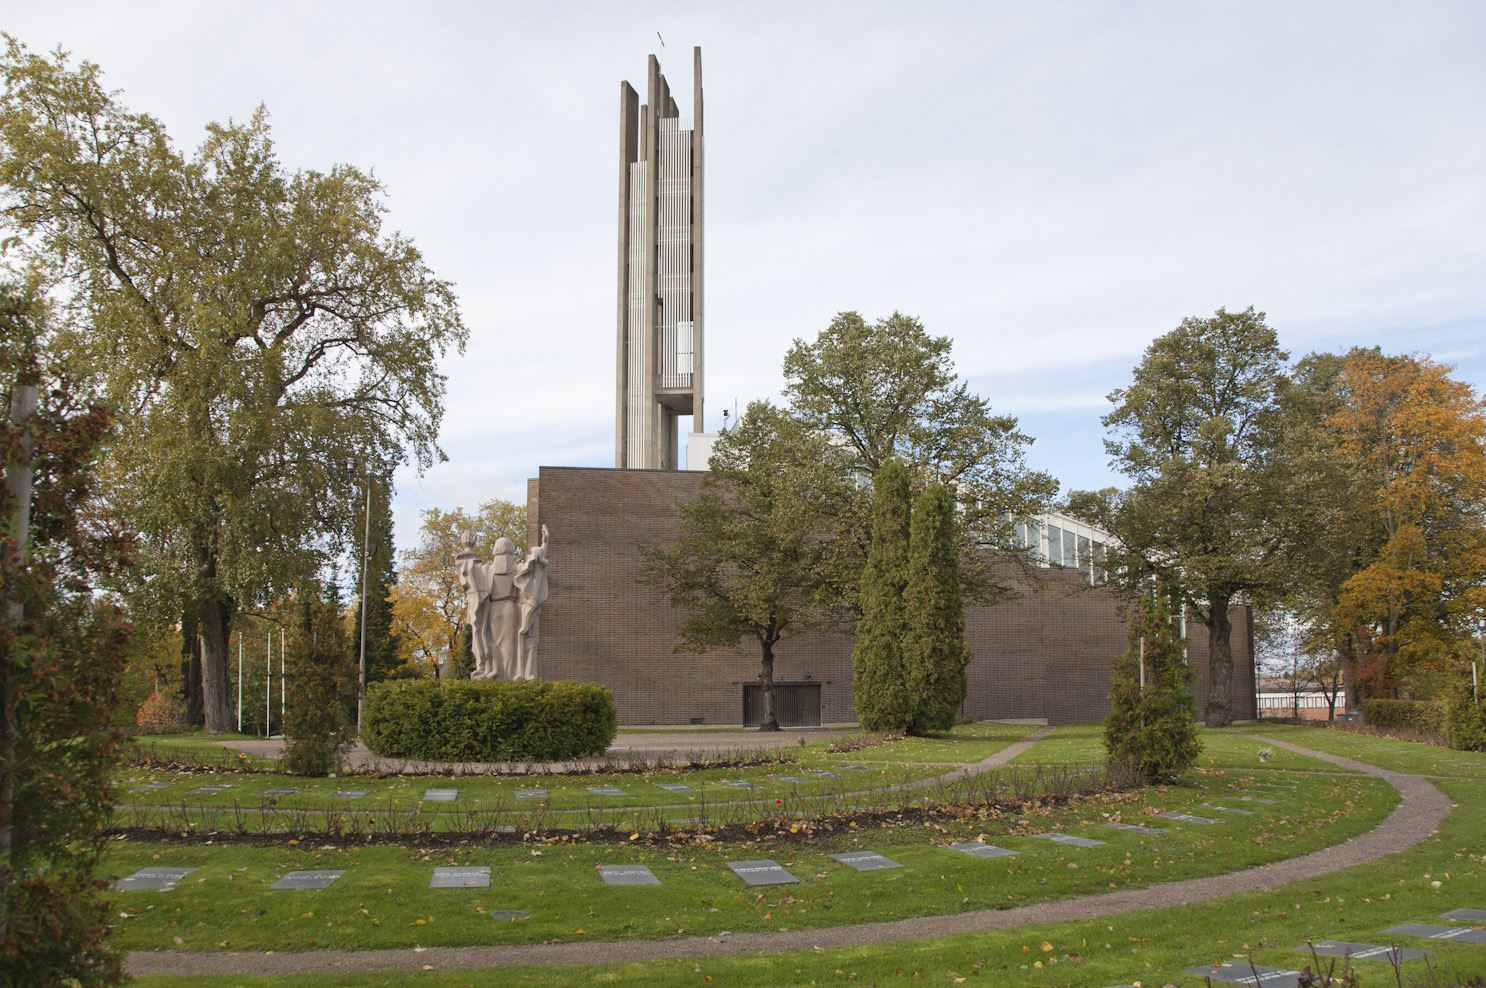 Arkkitehtuuriopastus | Suomalaista arkkitehtuuria Lahdessa - Alvar Aalto ja Eliel Saarinen